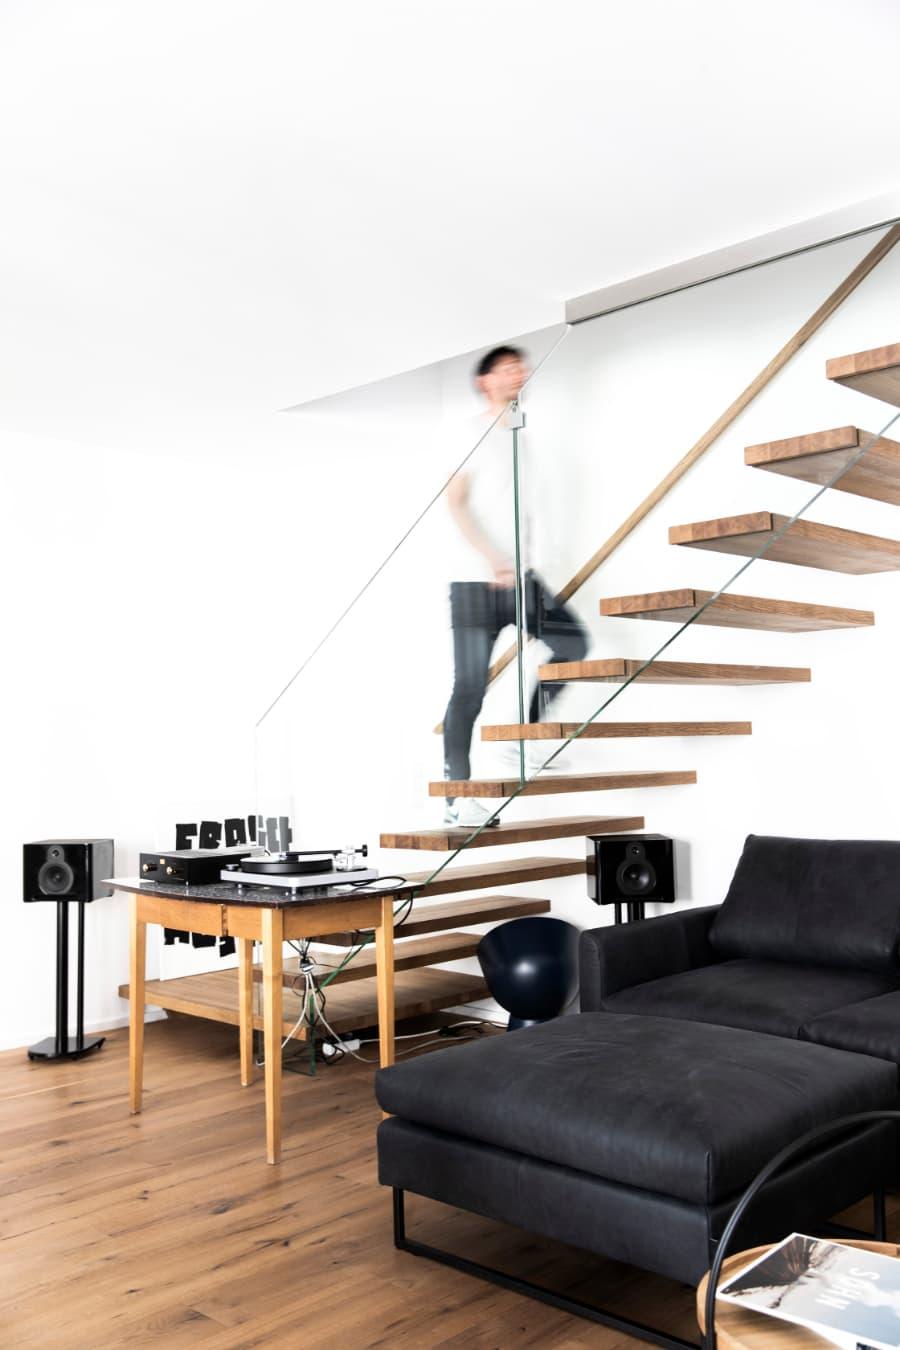 Stiegenaufgang-und-Couch-von-Freistil-mit-Stahlrahmen